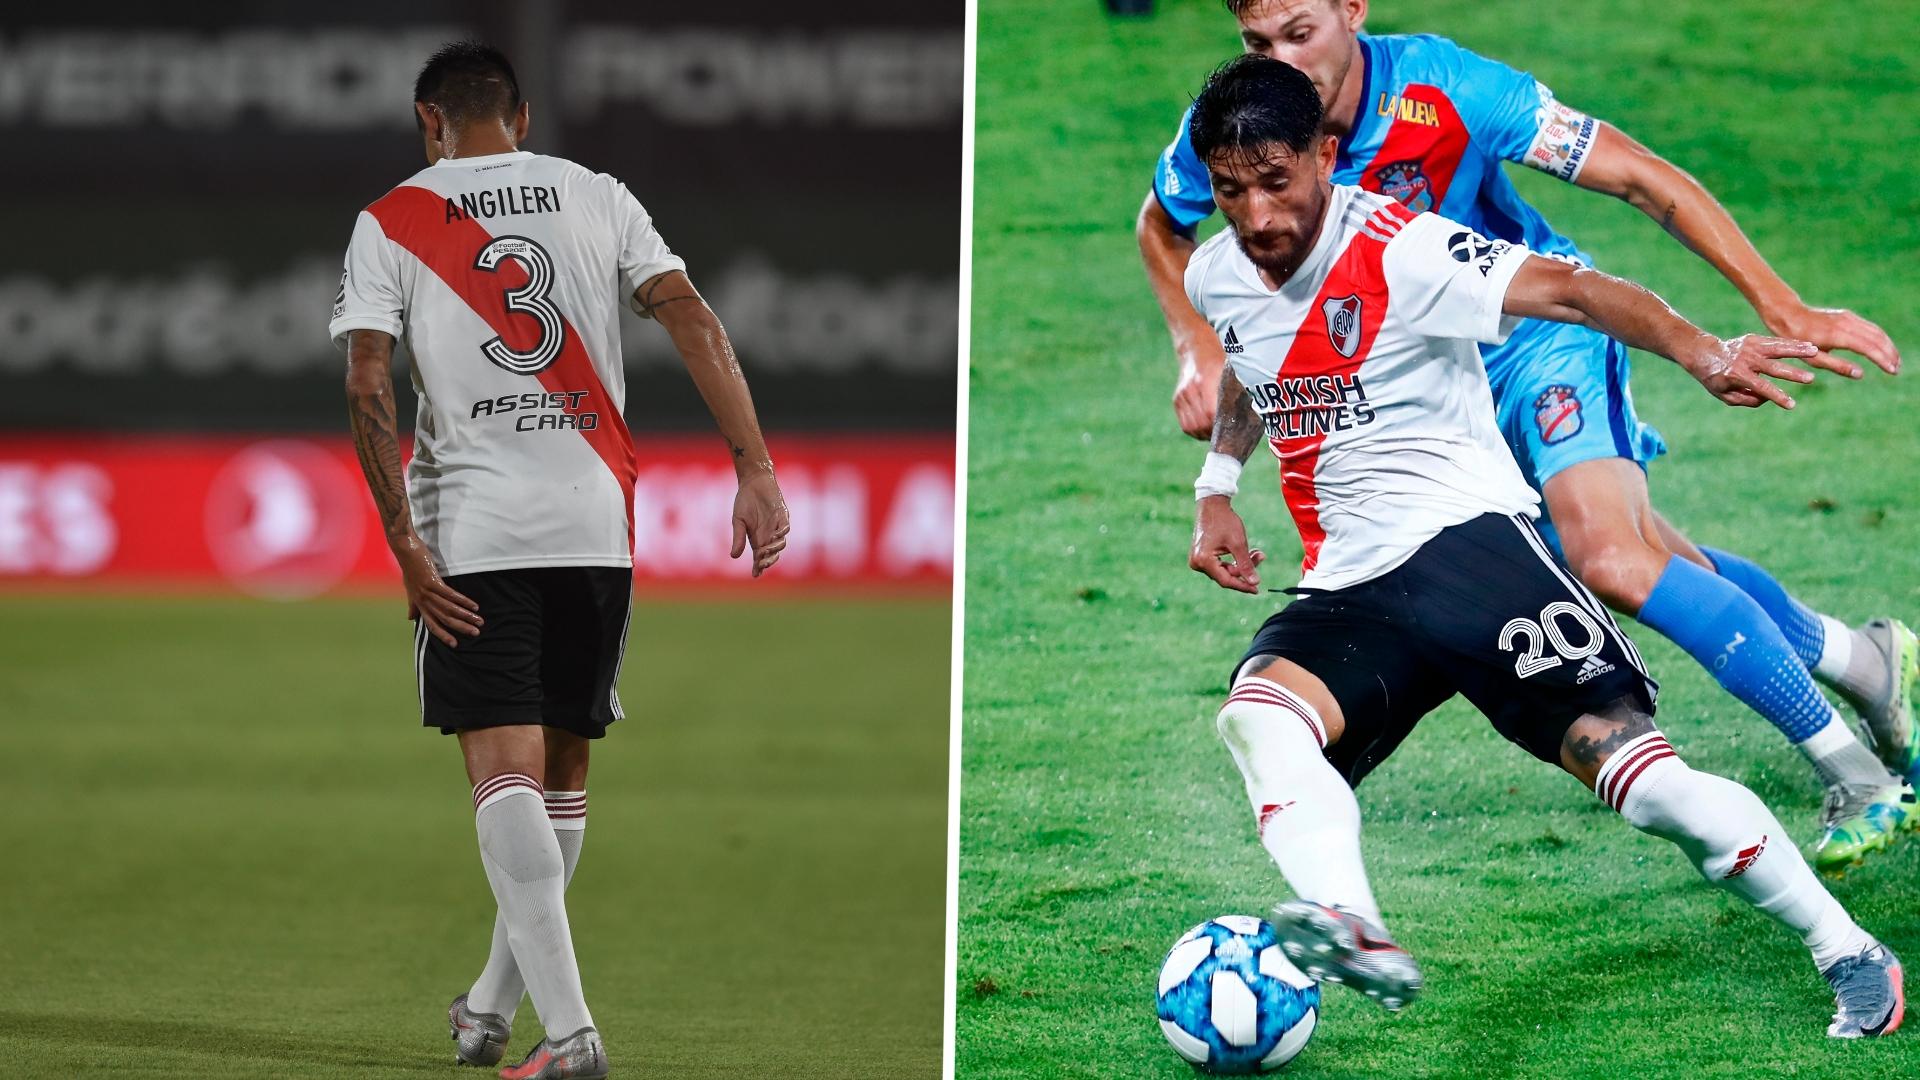 Las lesiones de Casco y Angileri en River: qué tienen, cuánto tiempo de  recuperación necesitan y qué partidos se perderán | Goal.com